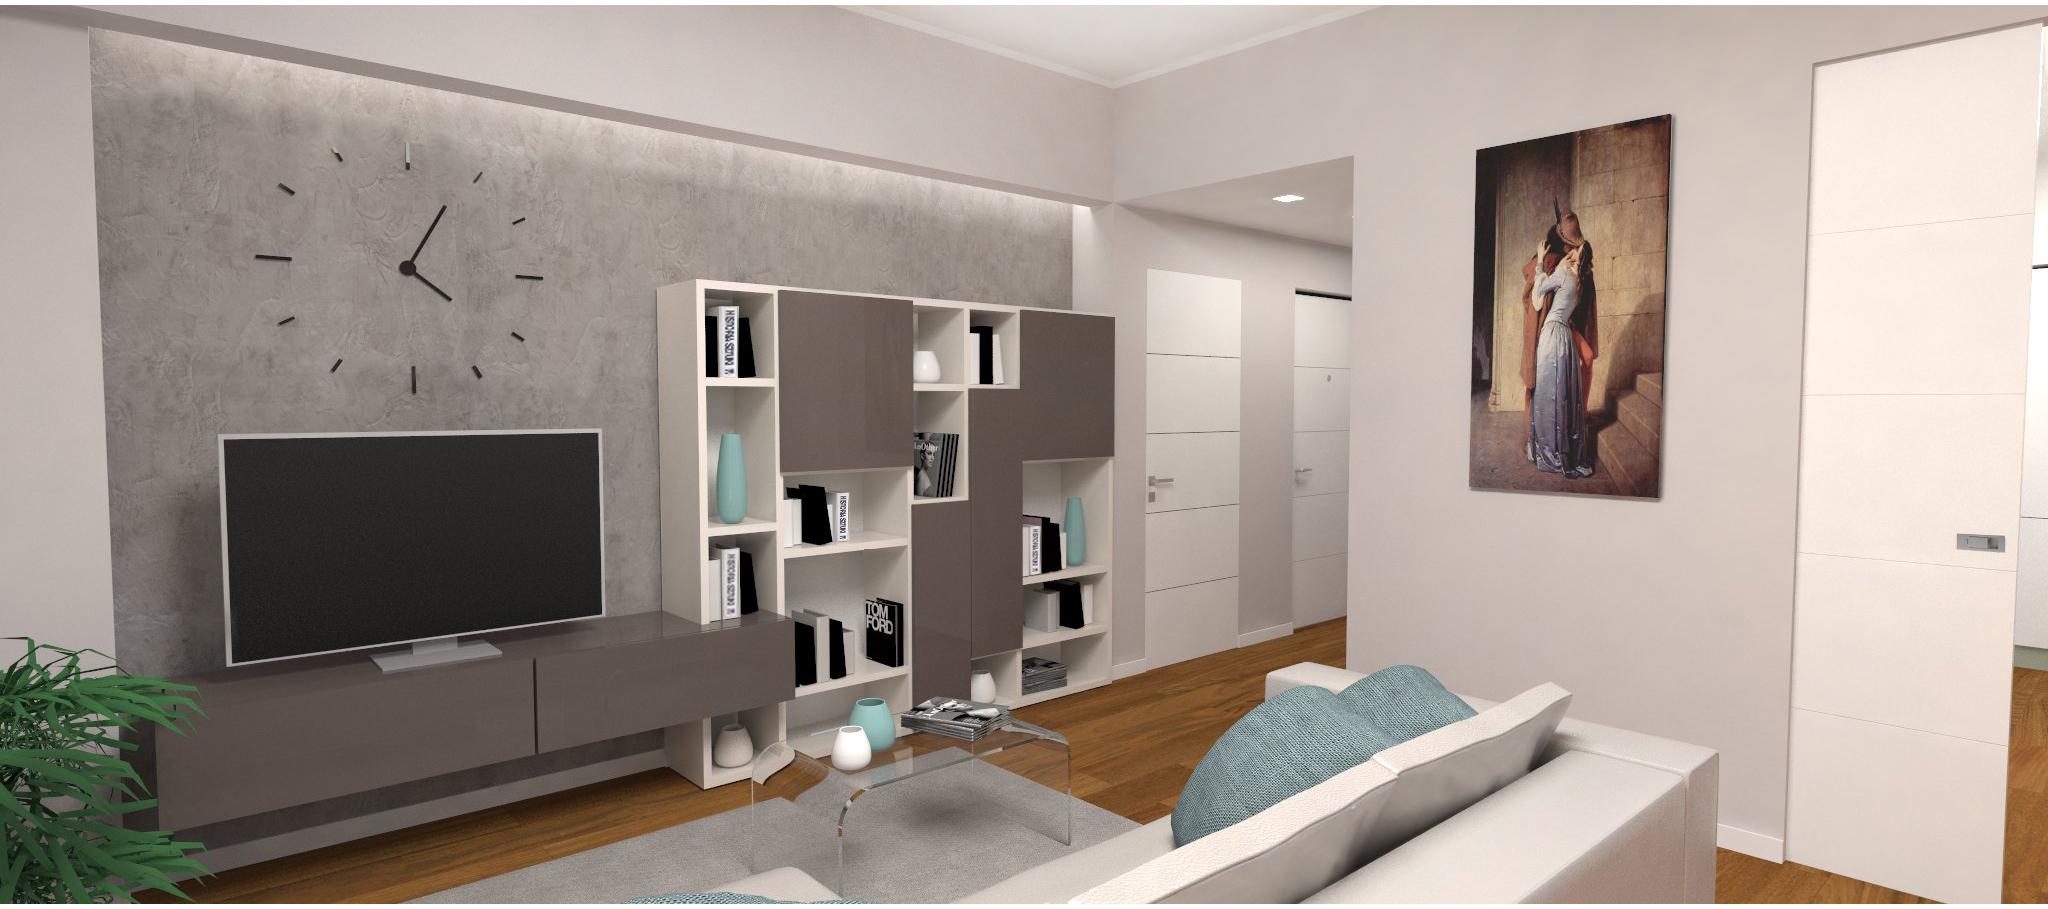 Appartamento privato (Milano) | Laura Lucente Architetto | Interior ...